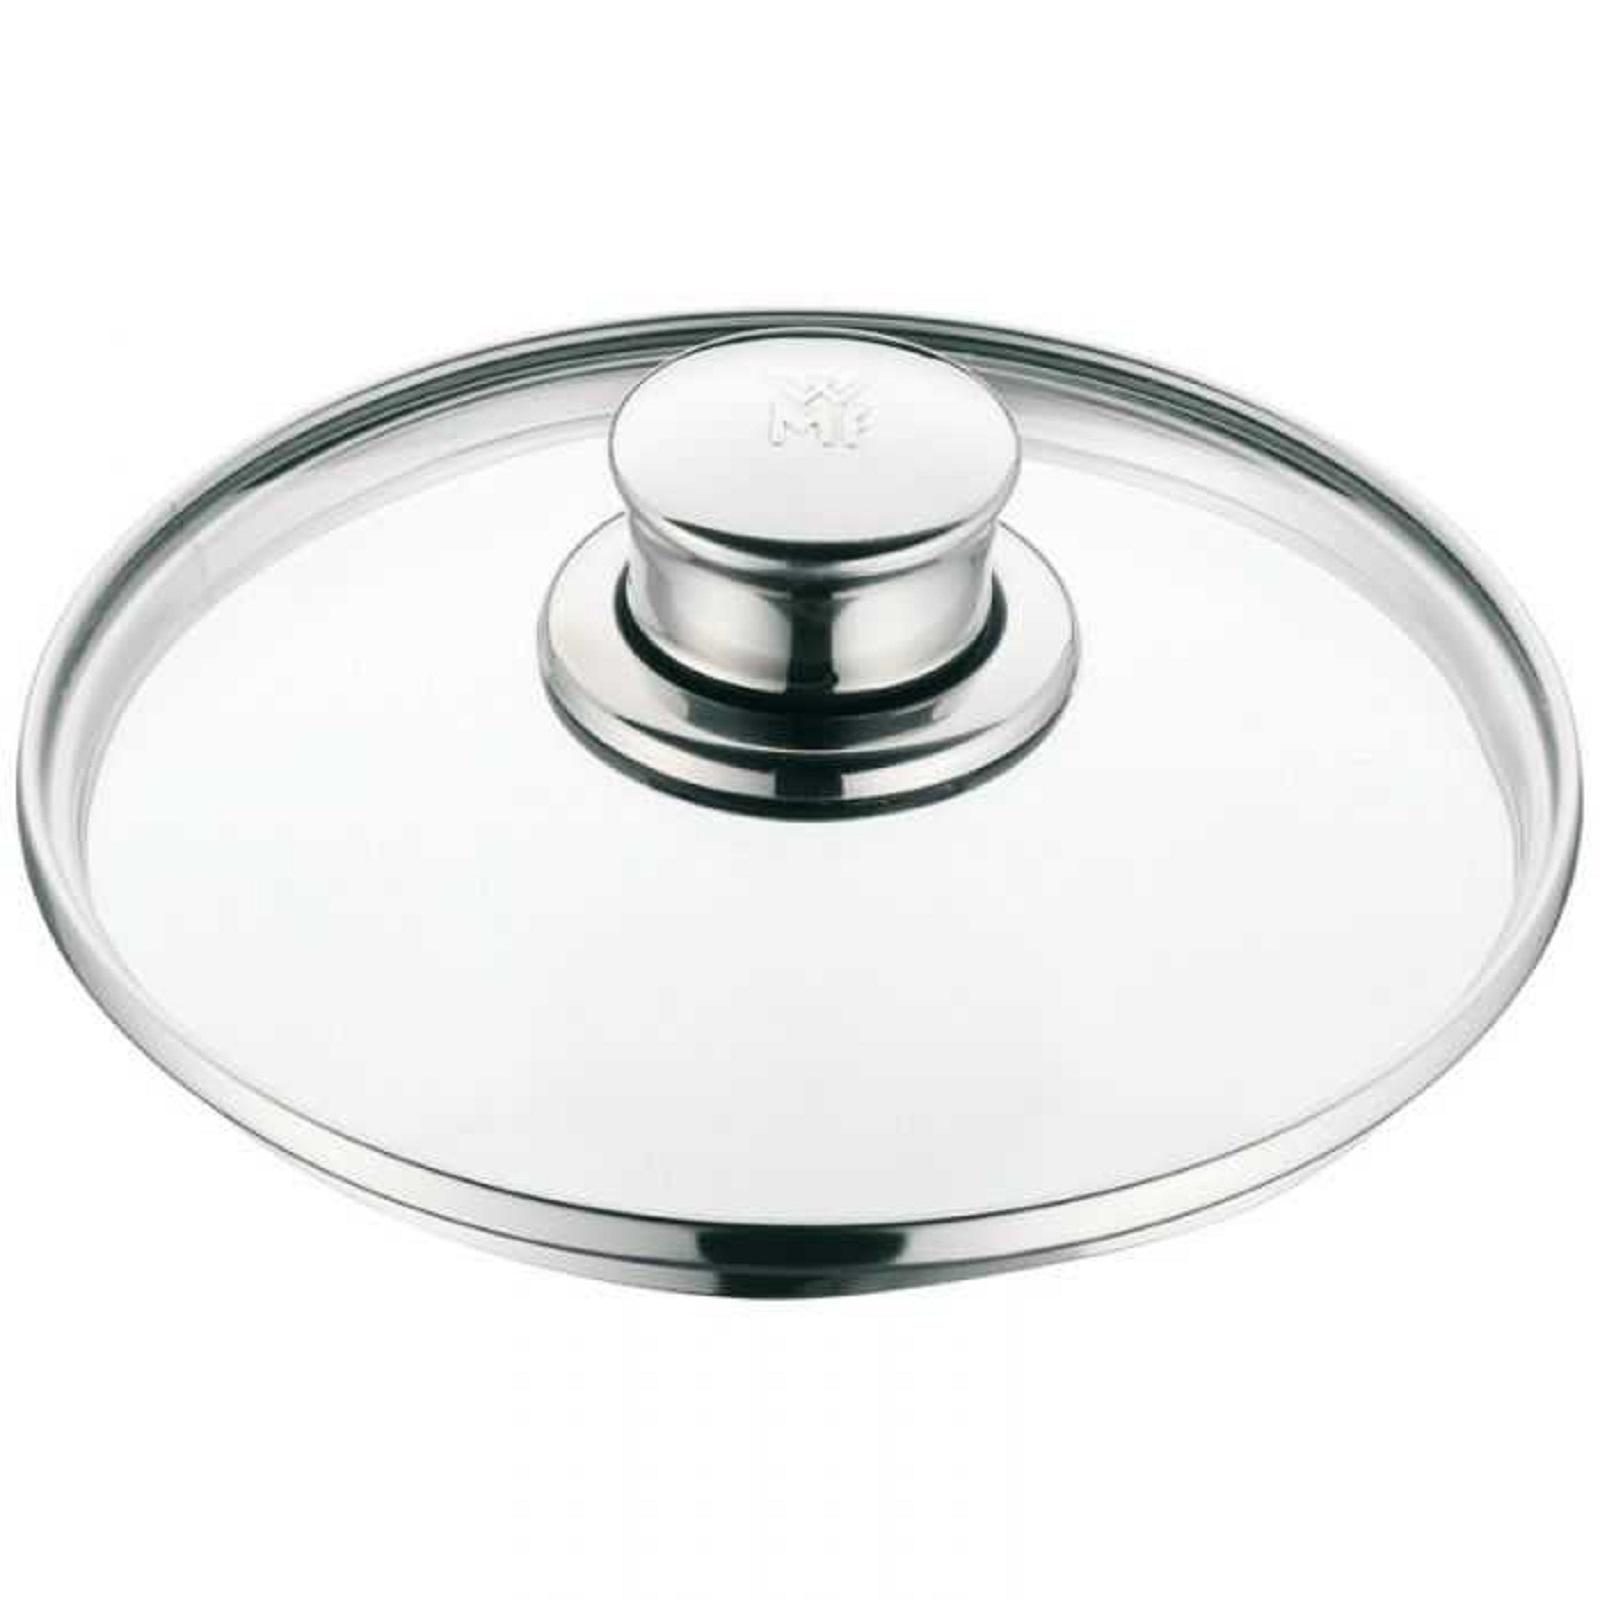 Онлайн каталог PROMENU: Крышка для кастрюли WMF DIADEM PLUS, диаметр 16 см, прозрачный WMF 07 3717 6040